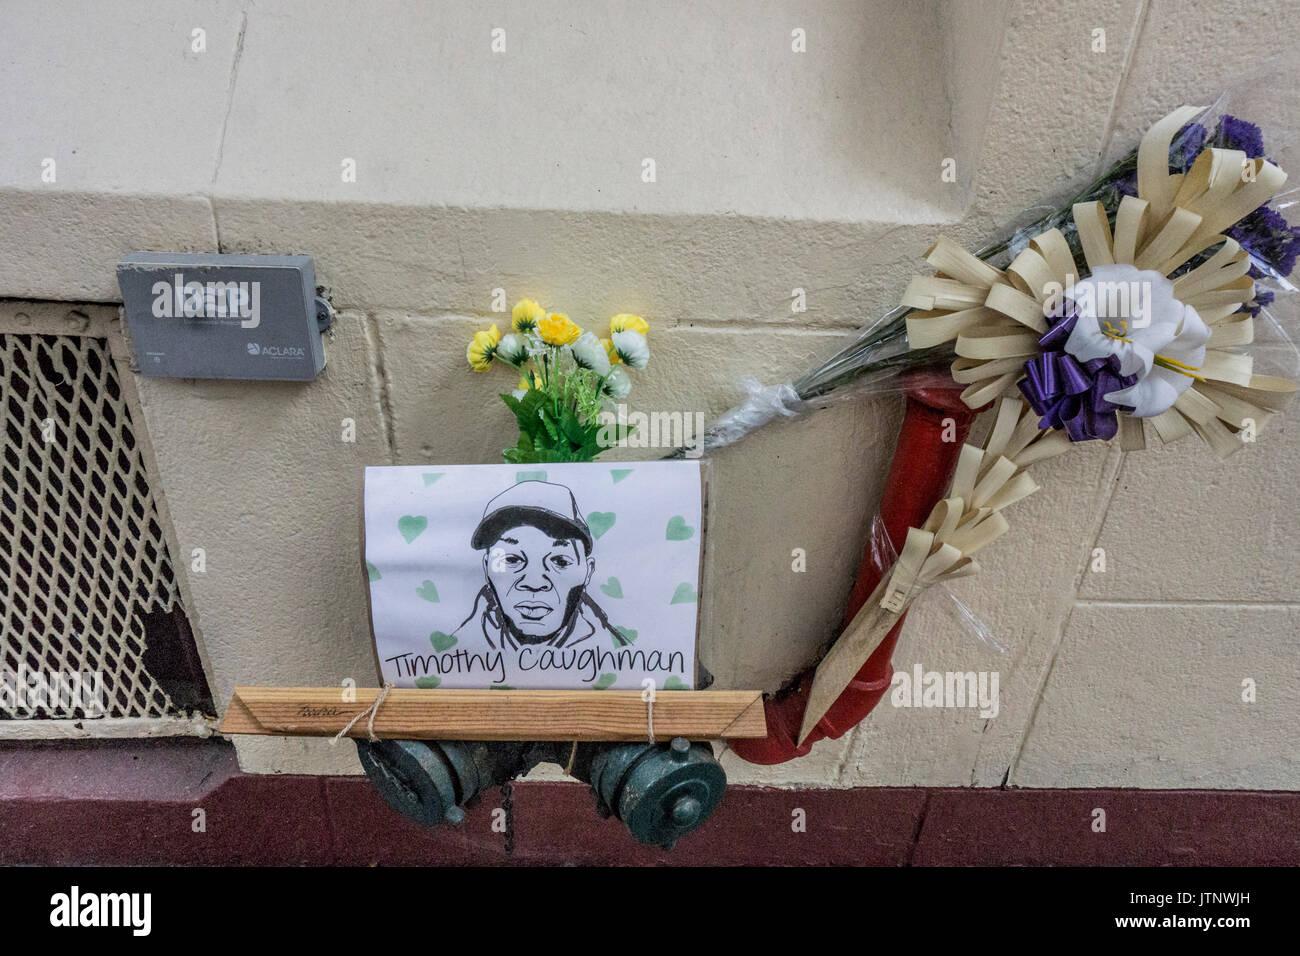 Hommage commémoratif au noir victime de crime haineux: encre superbe portrait de son visage sombre fixé au tube sur 36th Street NYC Garment District Photo Stock